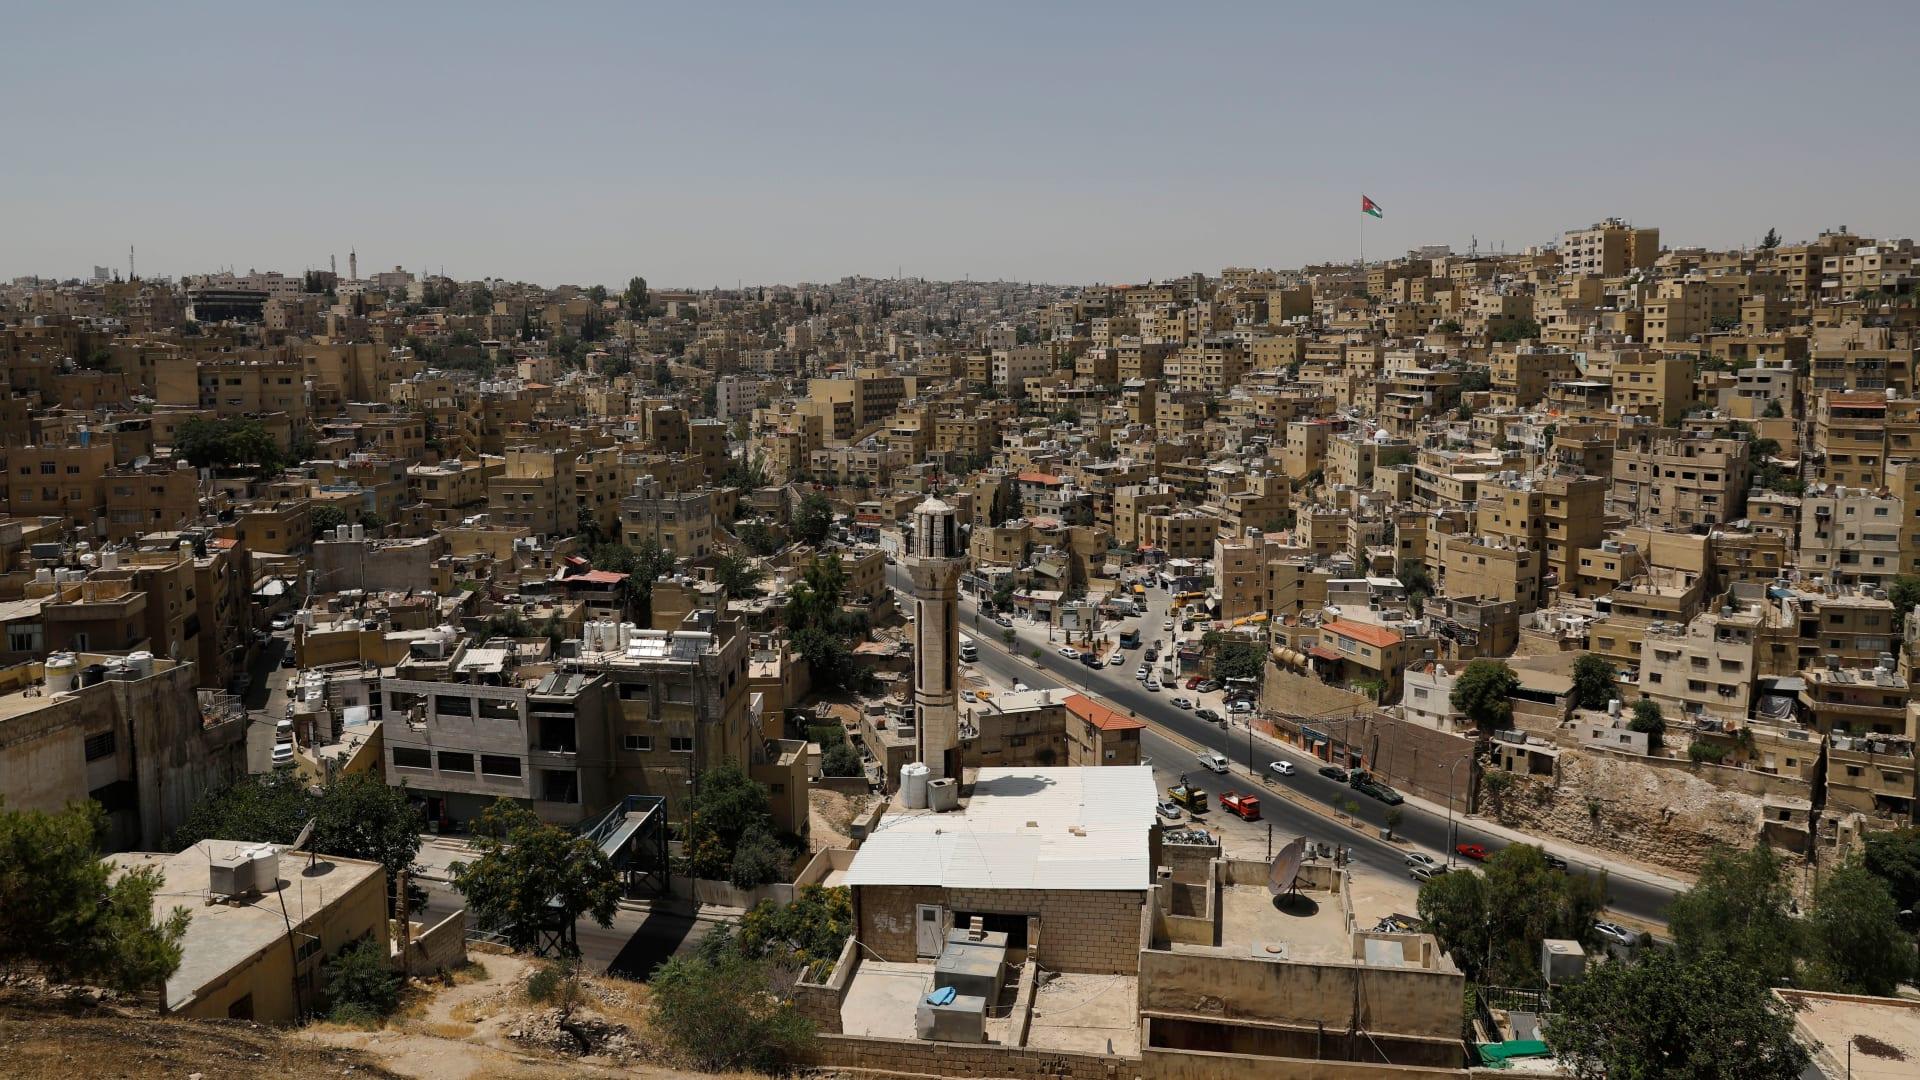 الأردن.. محكمة أمن الدولة تنطق بالحكم في قضية الفتنة اليوم في جلسة علنية